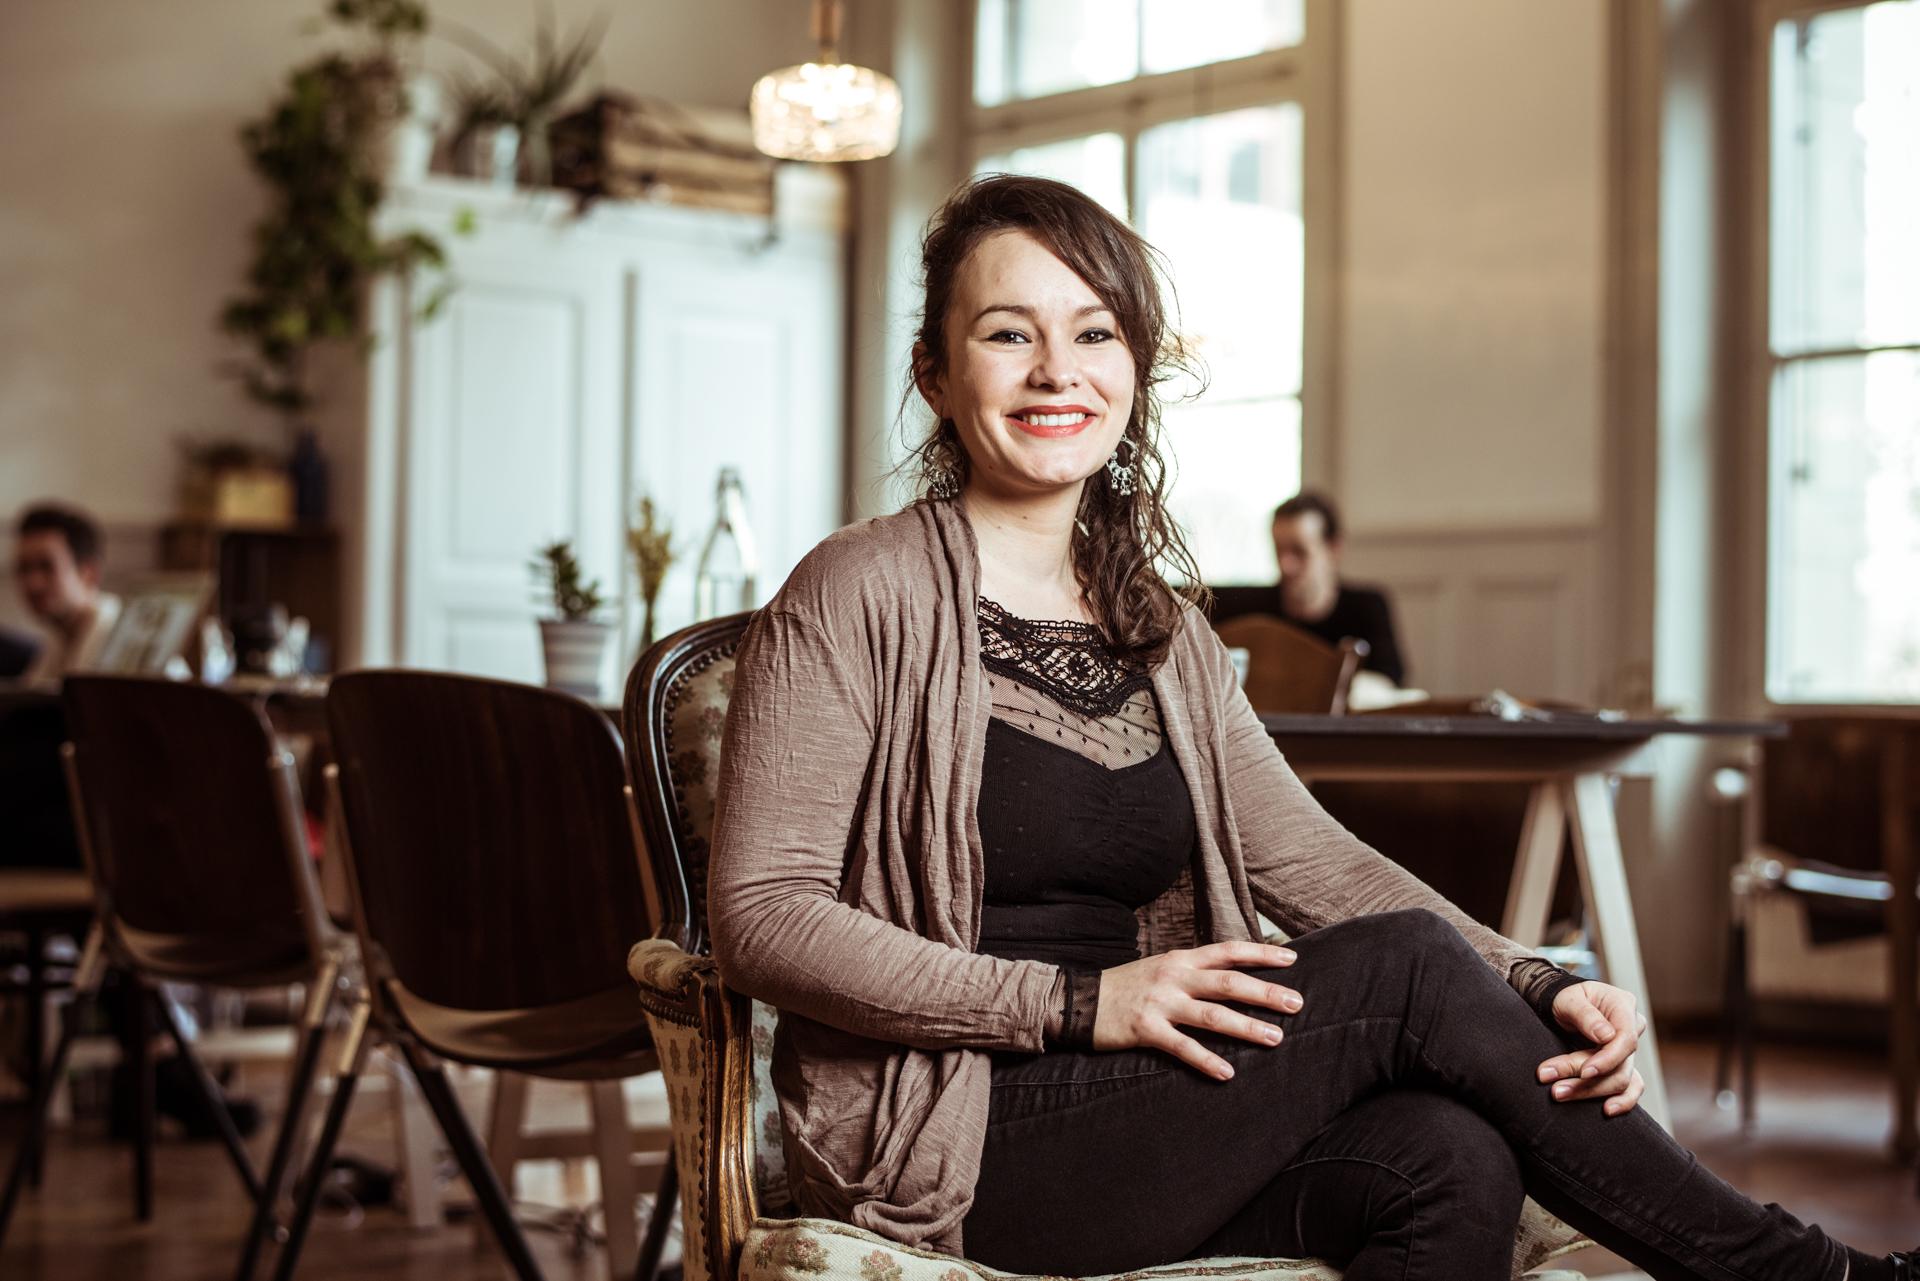 Olivia Kaufmann  Soziokulturelle Animatorin, Kulturmanagerin, Naturliebhaberin, Foodlover und Hobbyköchin.   K   ontakt   /   Webseite